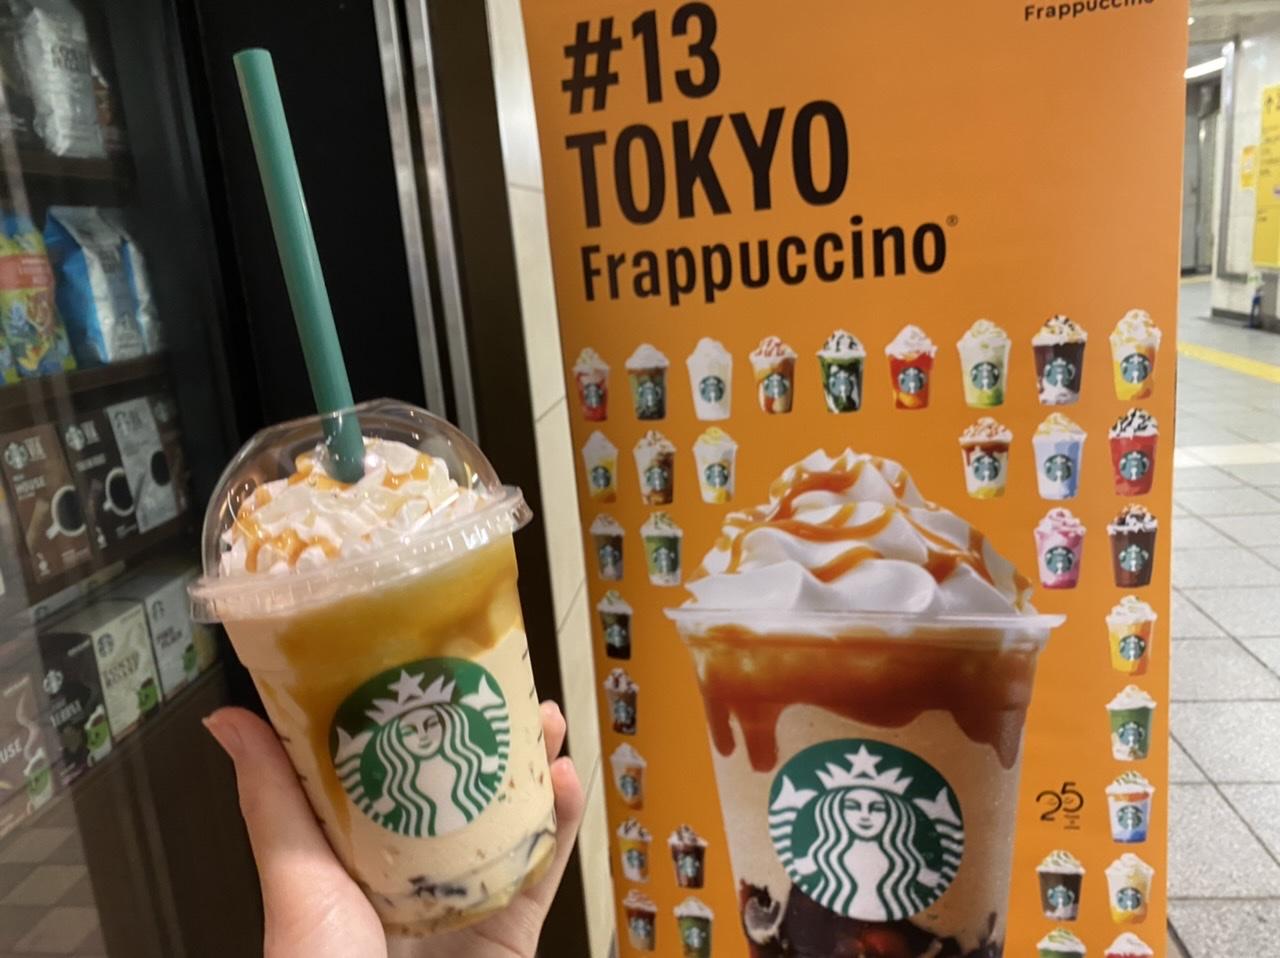 【スタバ】47JIMOTOフラペチーノ《東京》はコーヒージェリー×キャラメル❤︎❤︎❤︎_6